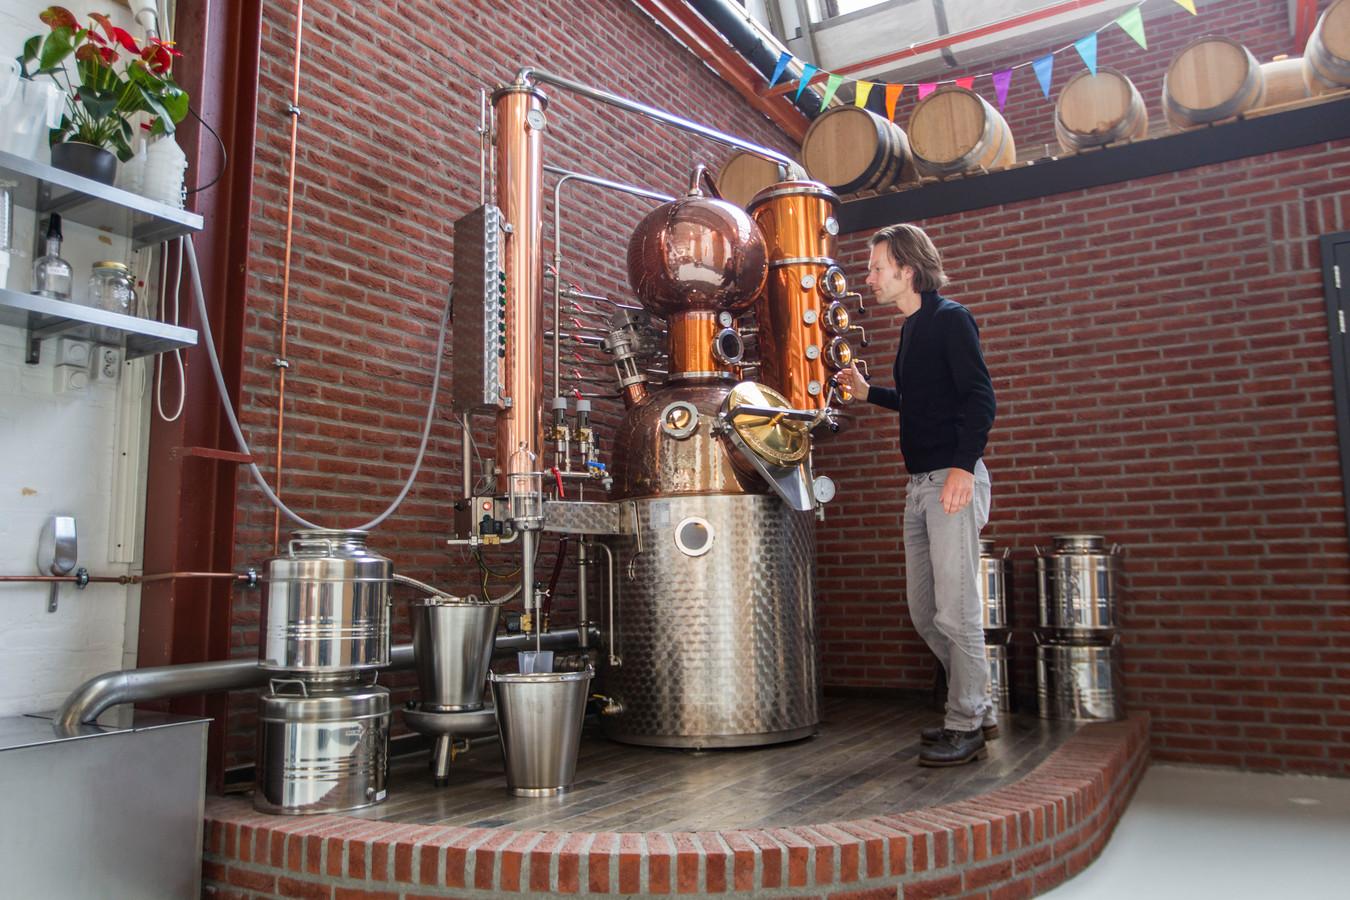 Mark Mighels van de Bottle Distillery in de oude Schellensfabriek